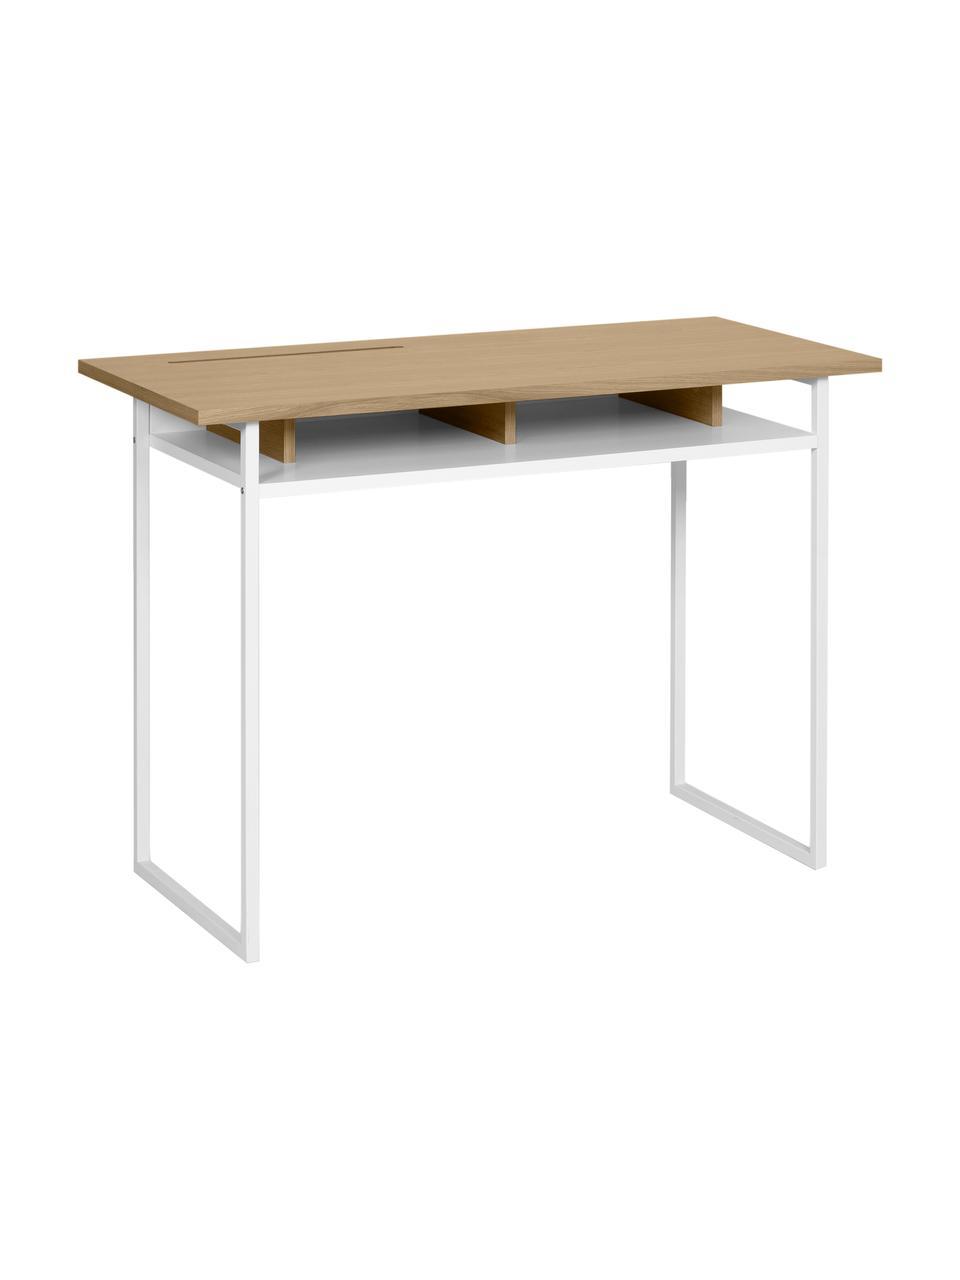 Weißer Schreibtisch Bristol, Korpus: Mitteldichte Holzfaserpla, Beine: Metall, lackiert, Eichenholz, Weiß, 110 x 78 cm